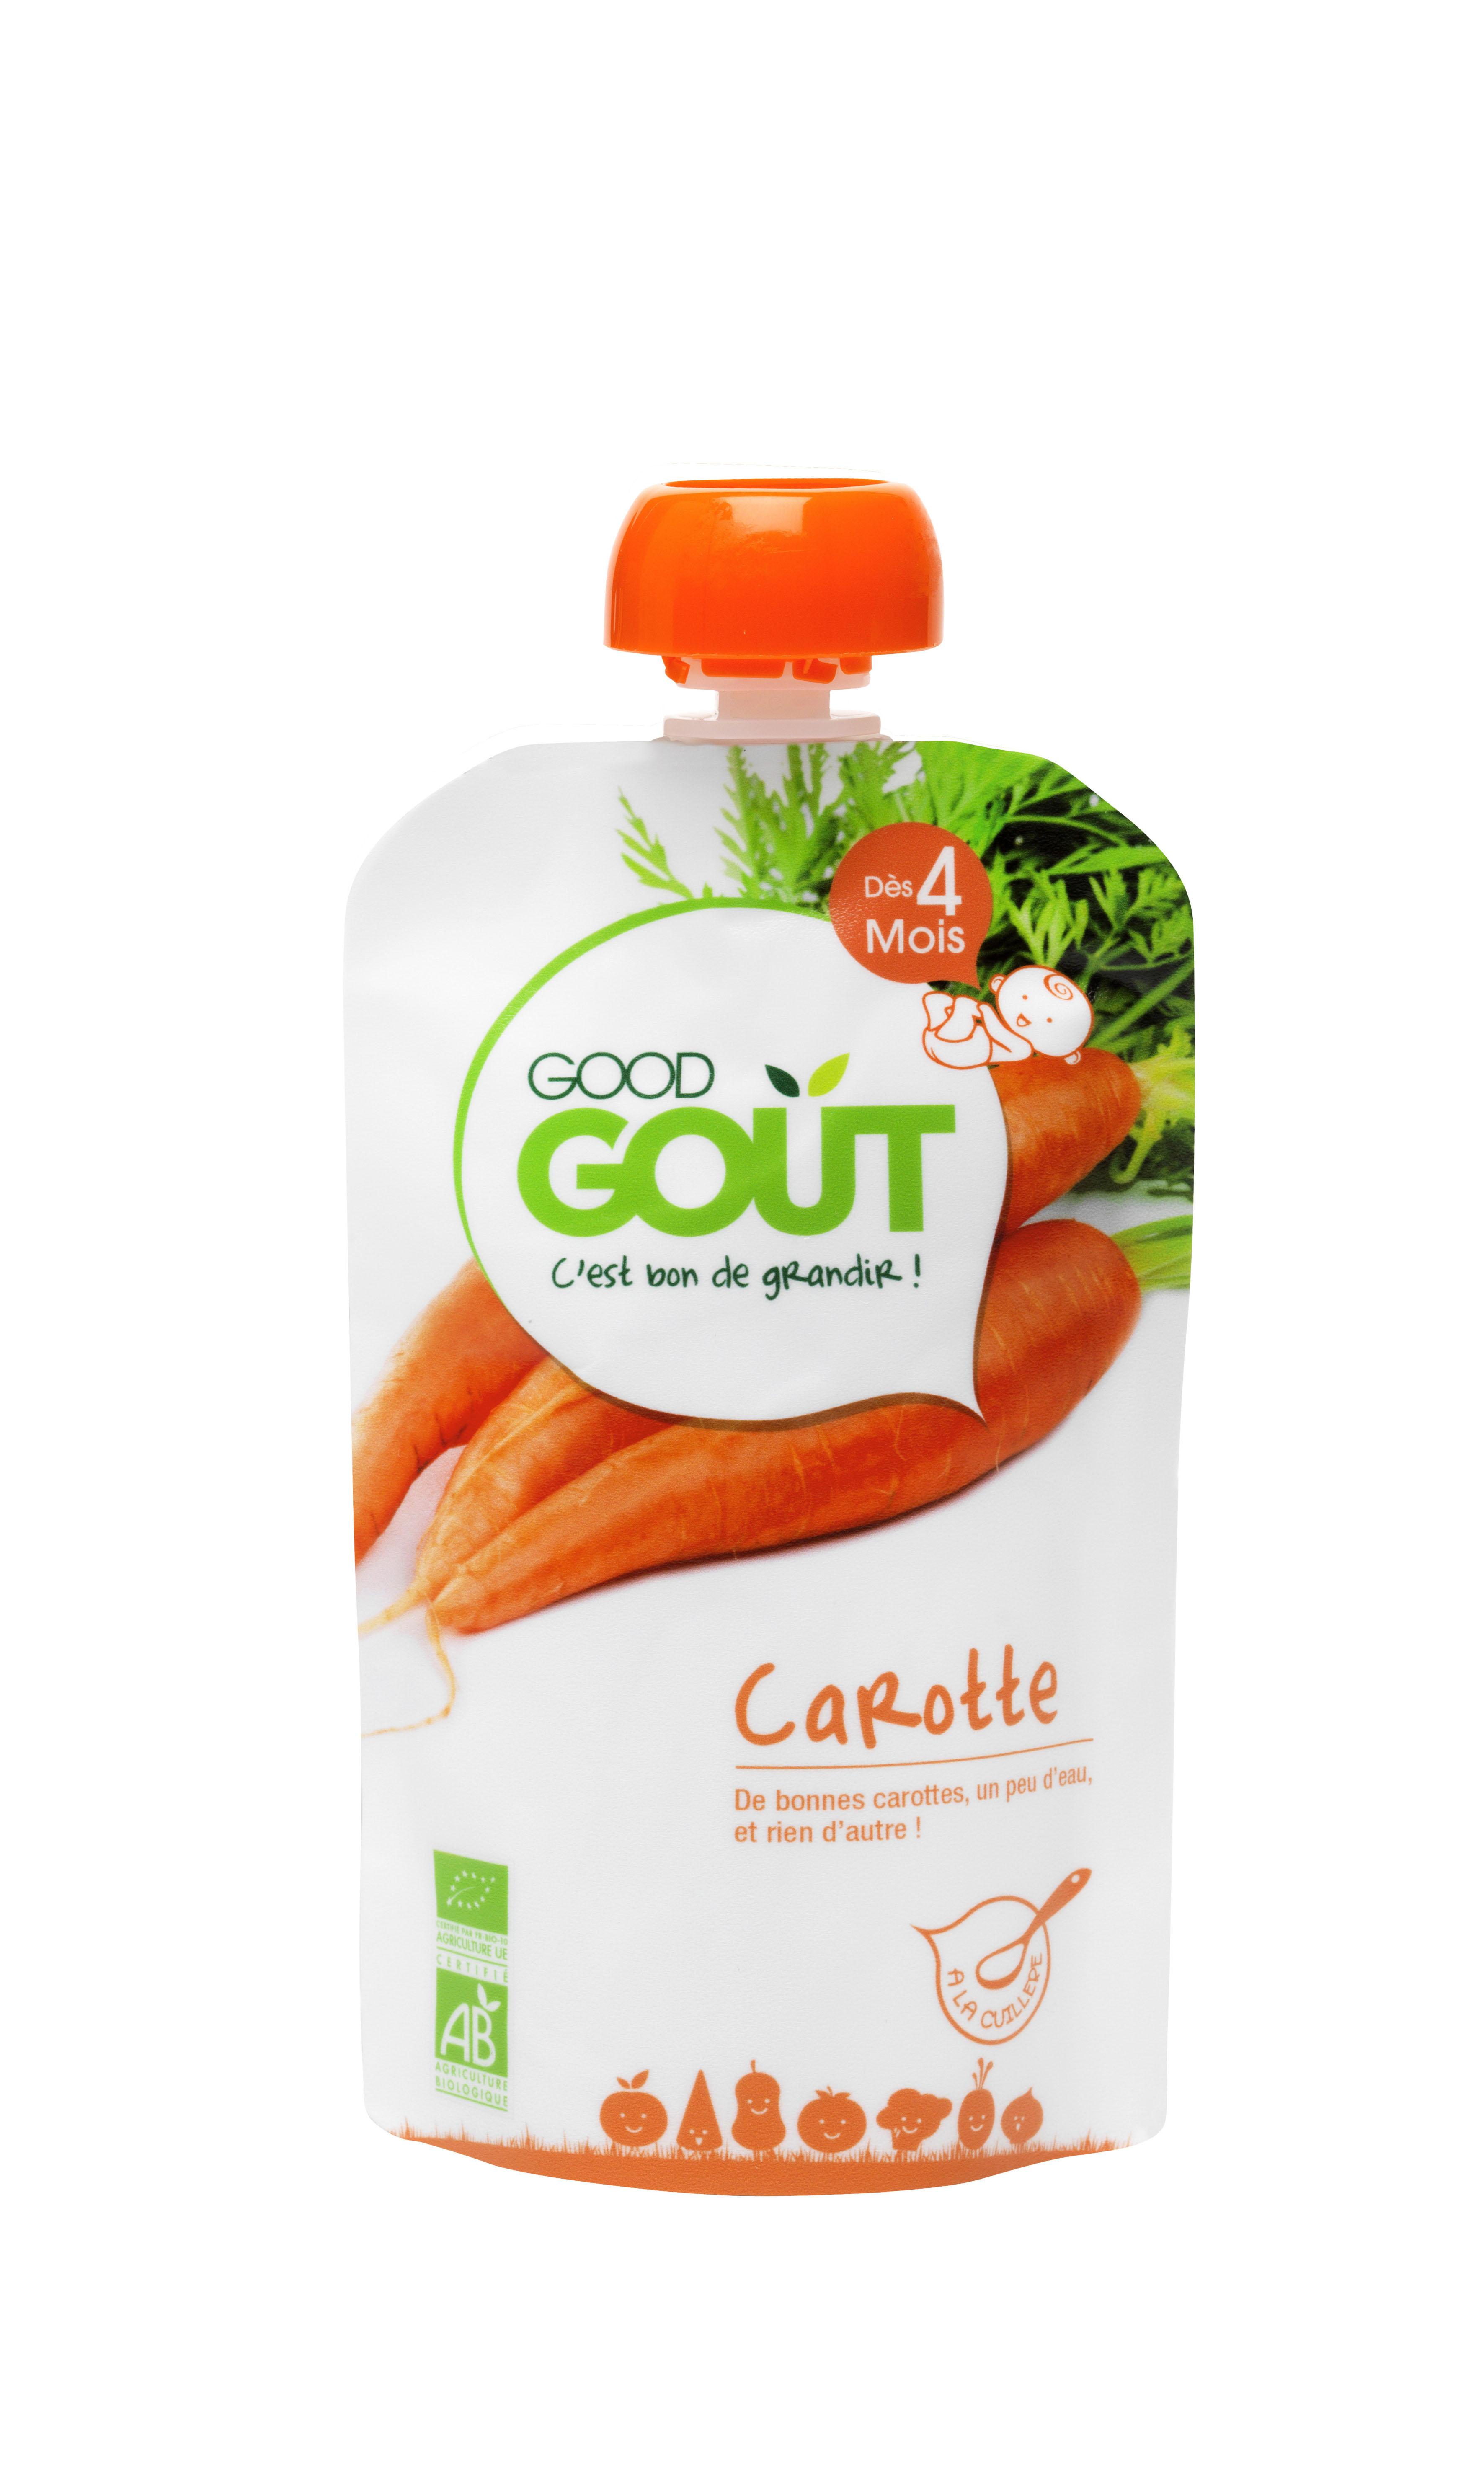 Carotte BIO - dès 4 mois, Good Goût (120 g)